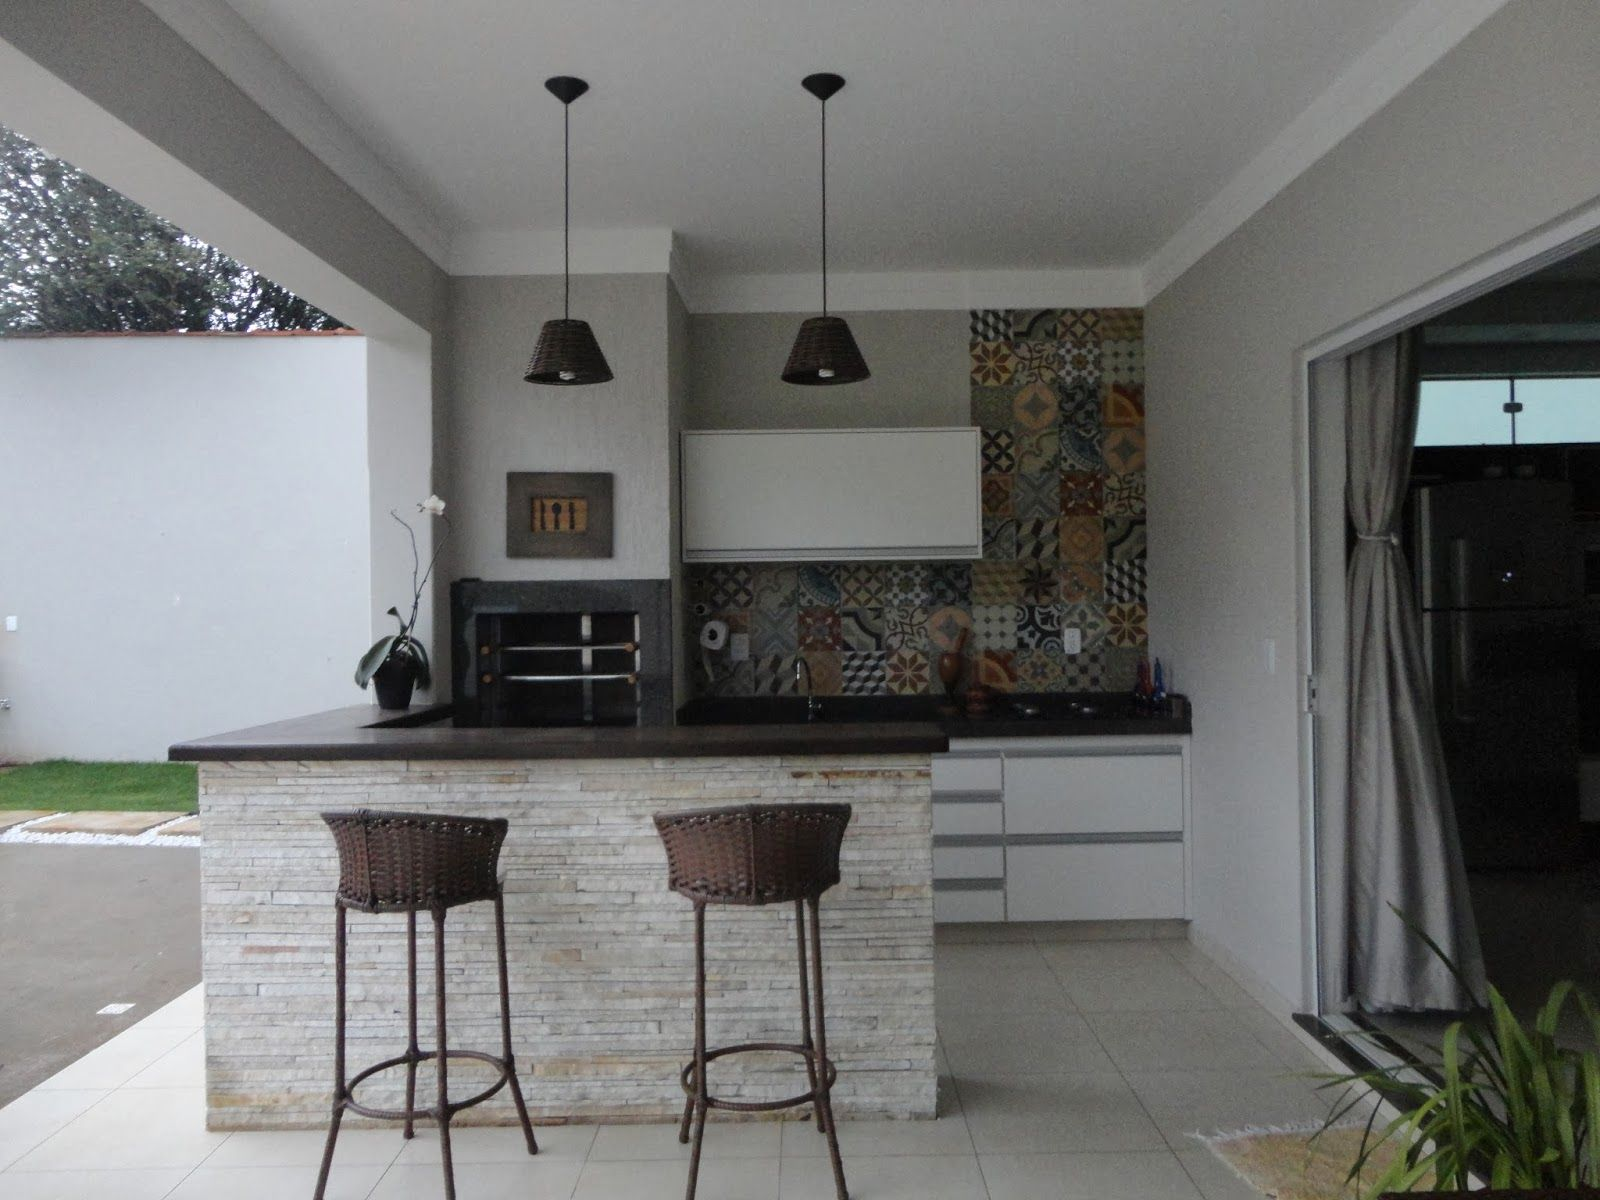 Nossa Casa Nosso Sonho Id Ias Cozinha Pinterest Sonhos